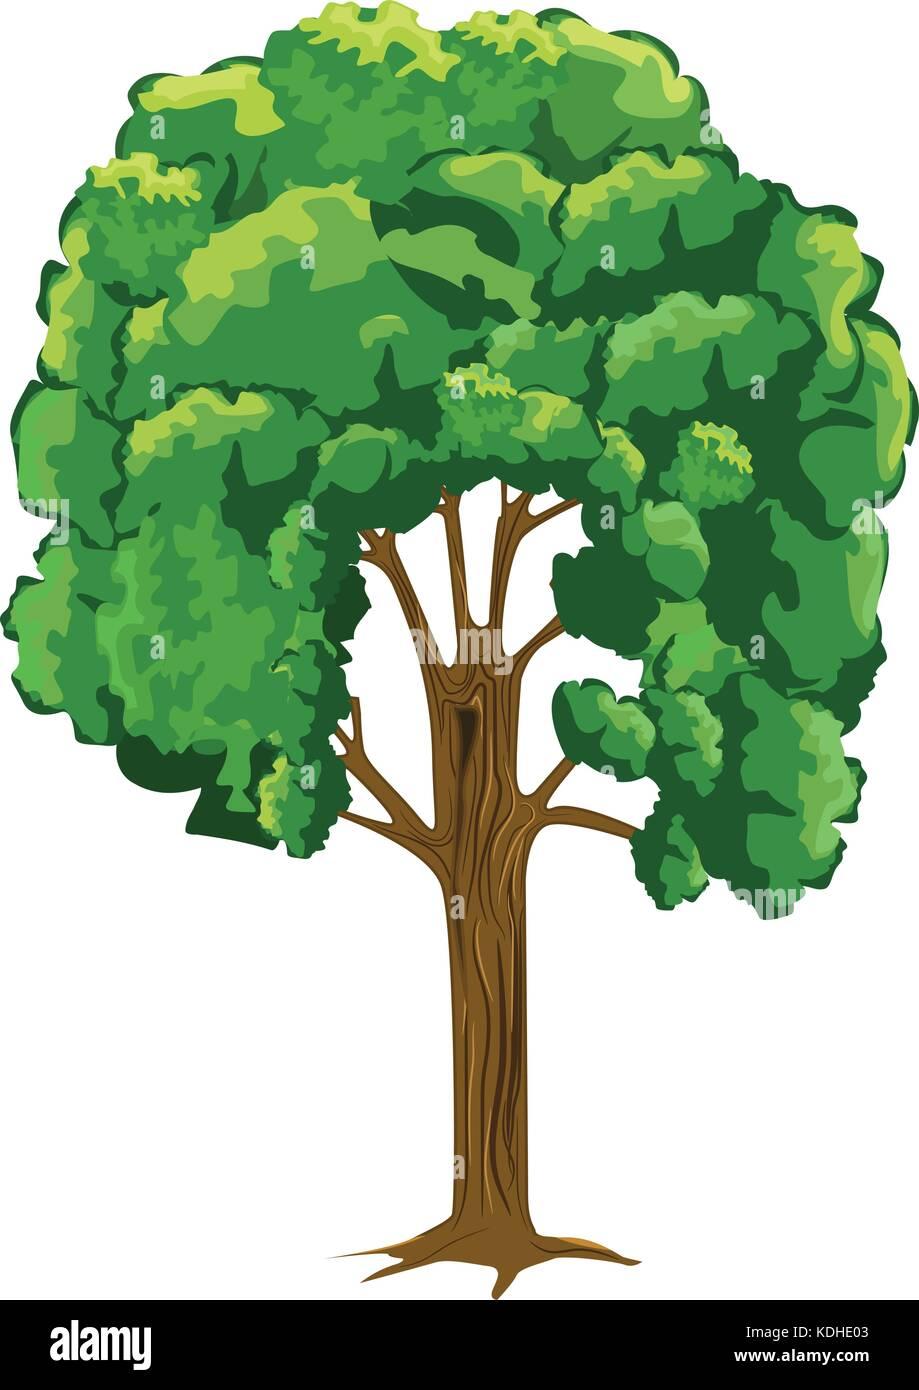 Árbol con estilo de dibujos animados, pero con más detalle. planas y vector  de color sólido Imagen Vector de stock - Alamy